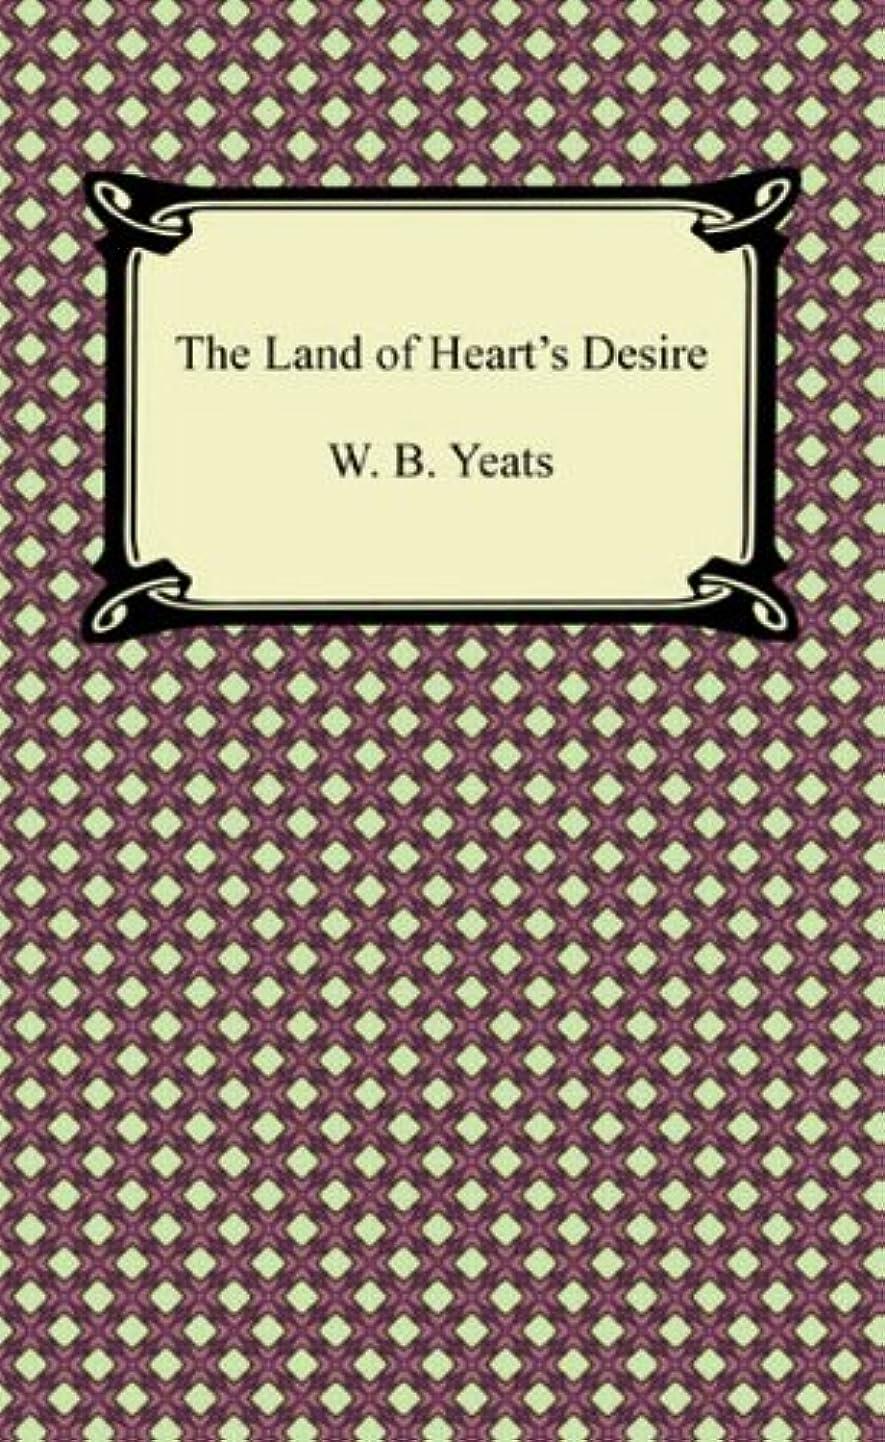 音楽を聴く二次腐敗したThe Land of Heart's Desire [with Biographical Introduction] (English Edition)